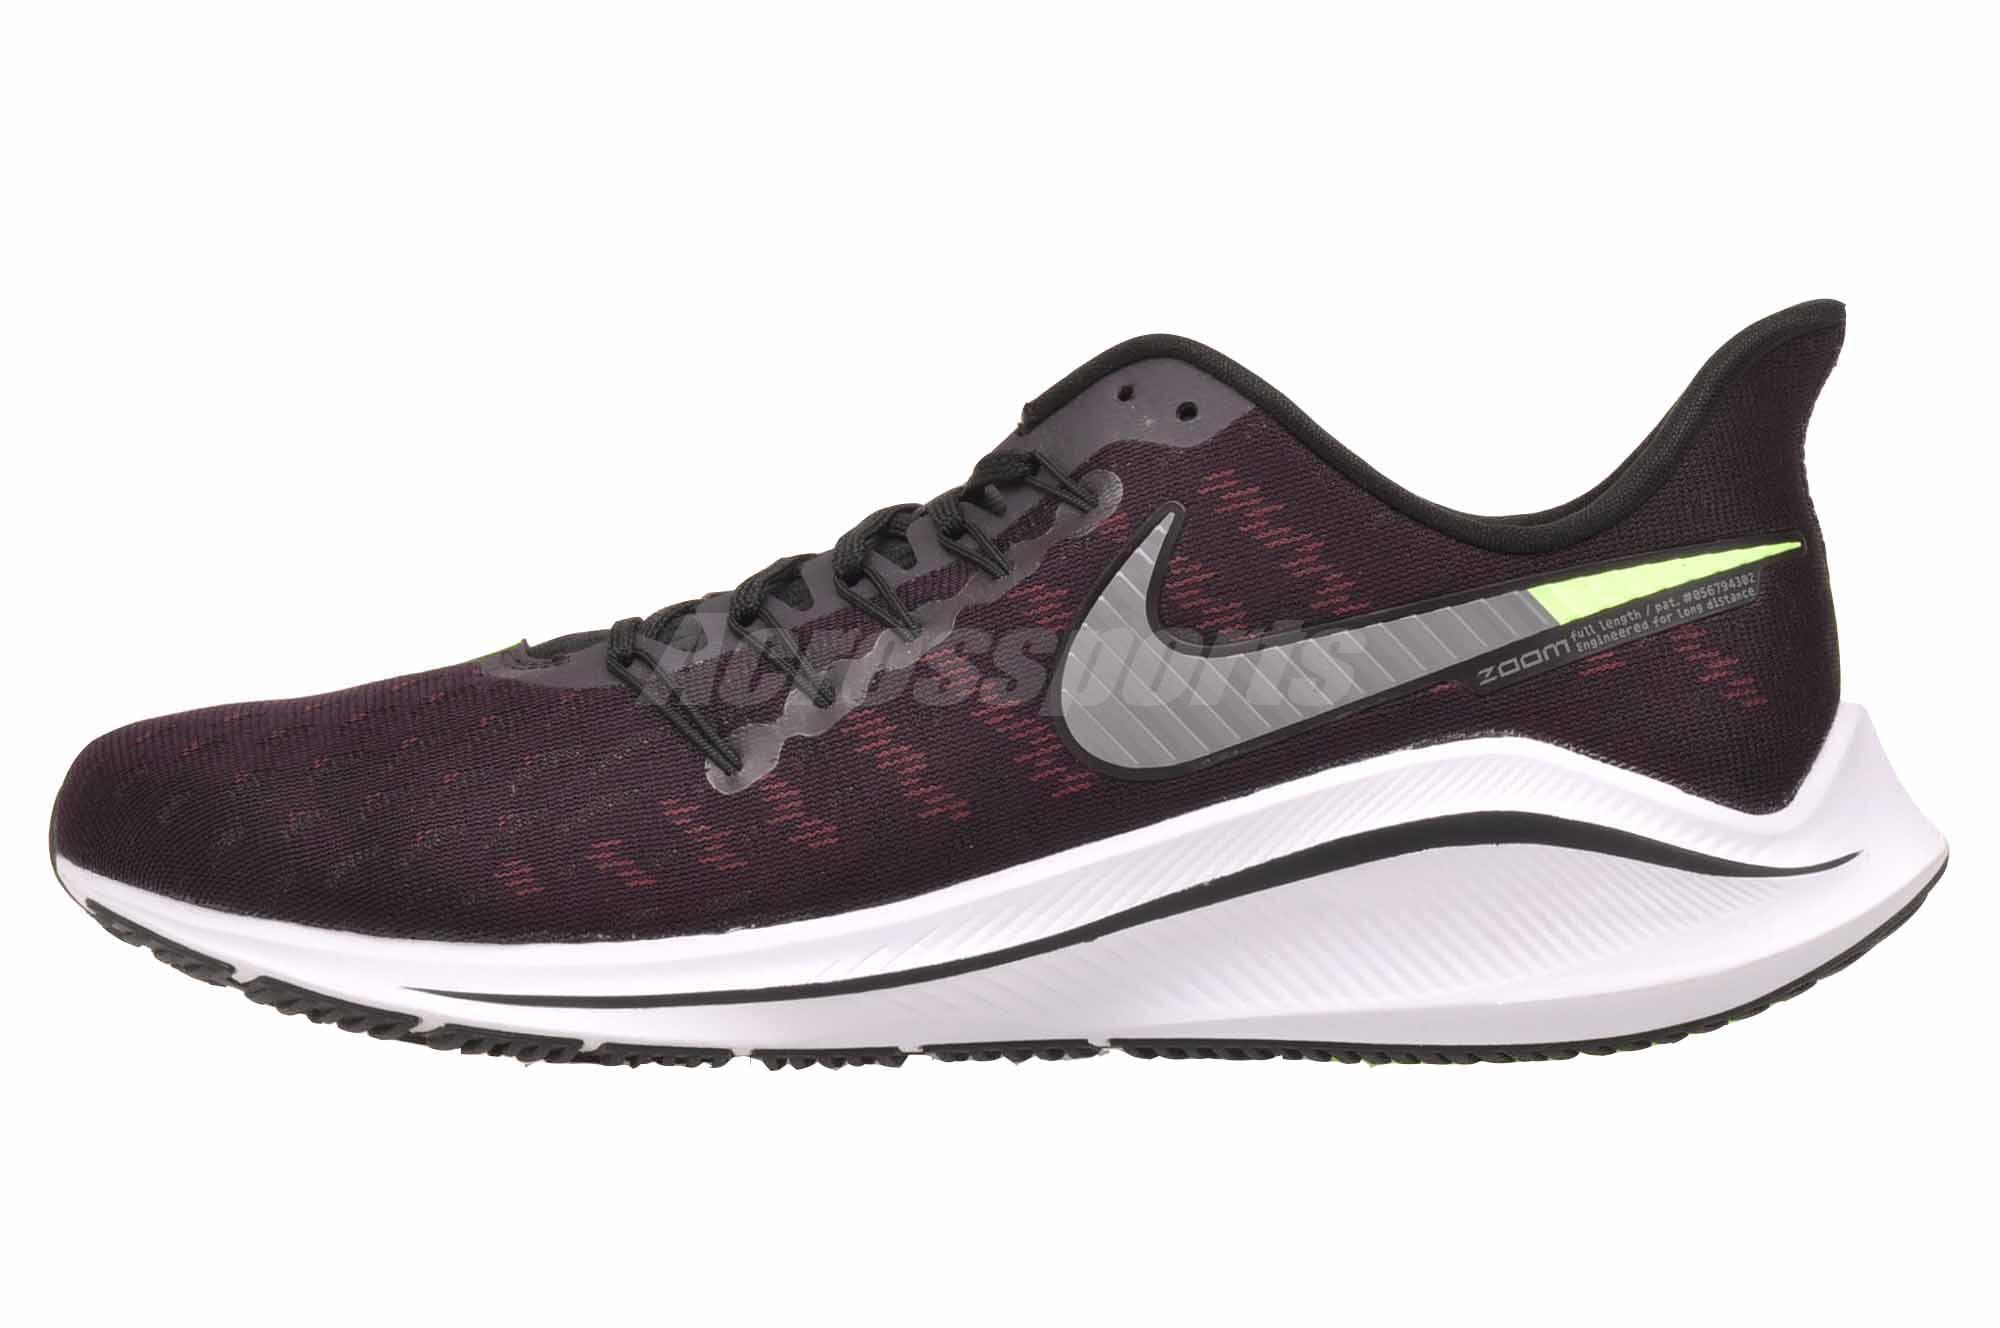 Nike Air Zoom Vomero 14 Running Mens